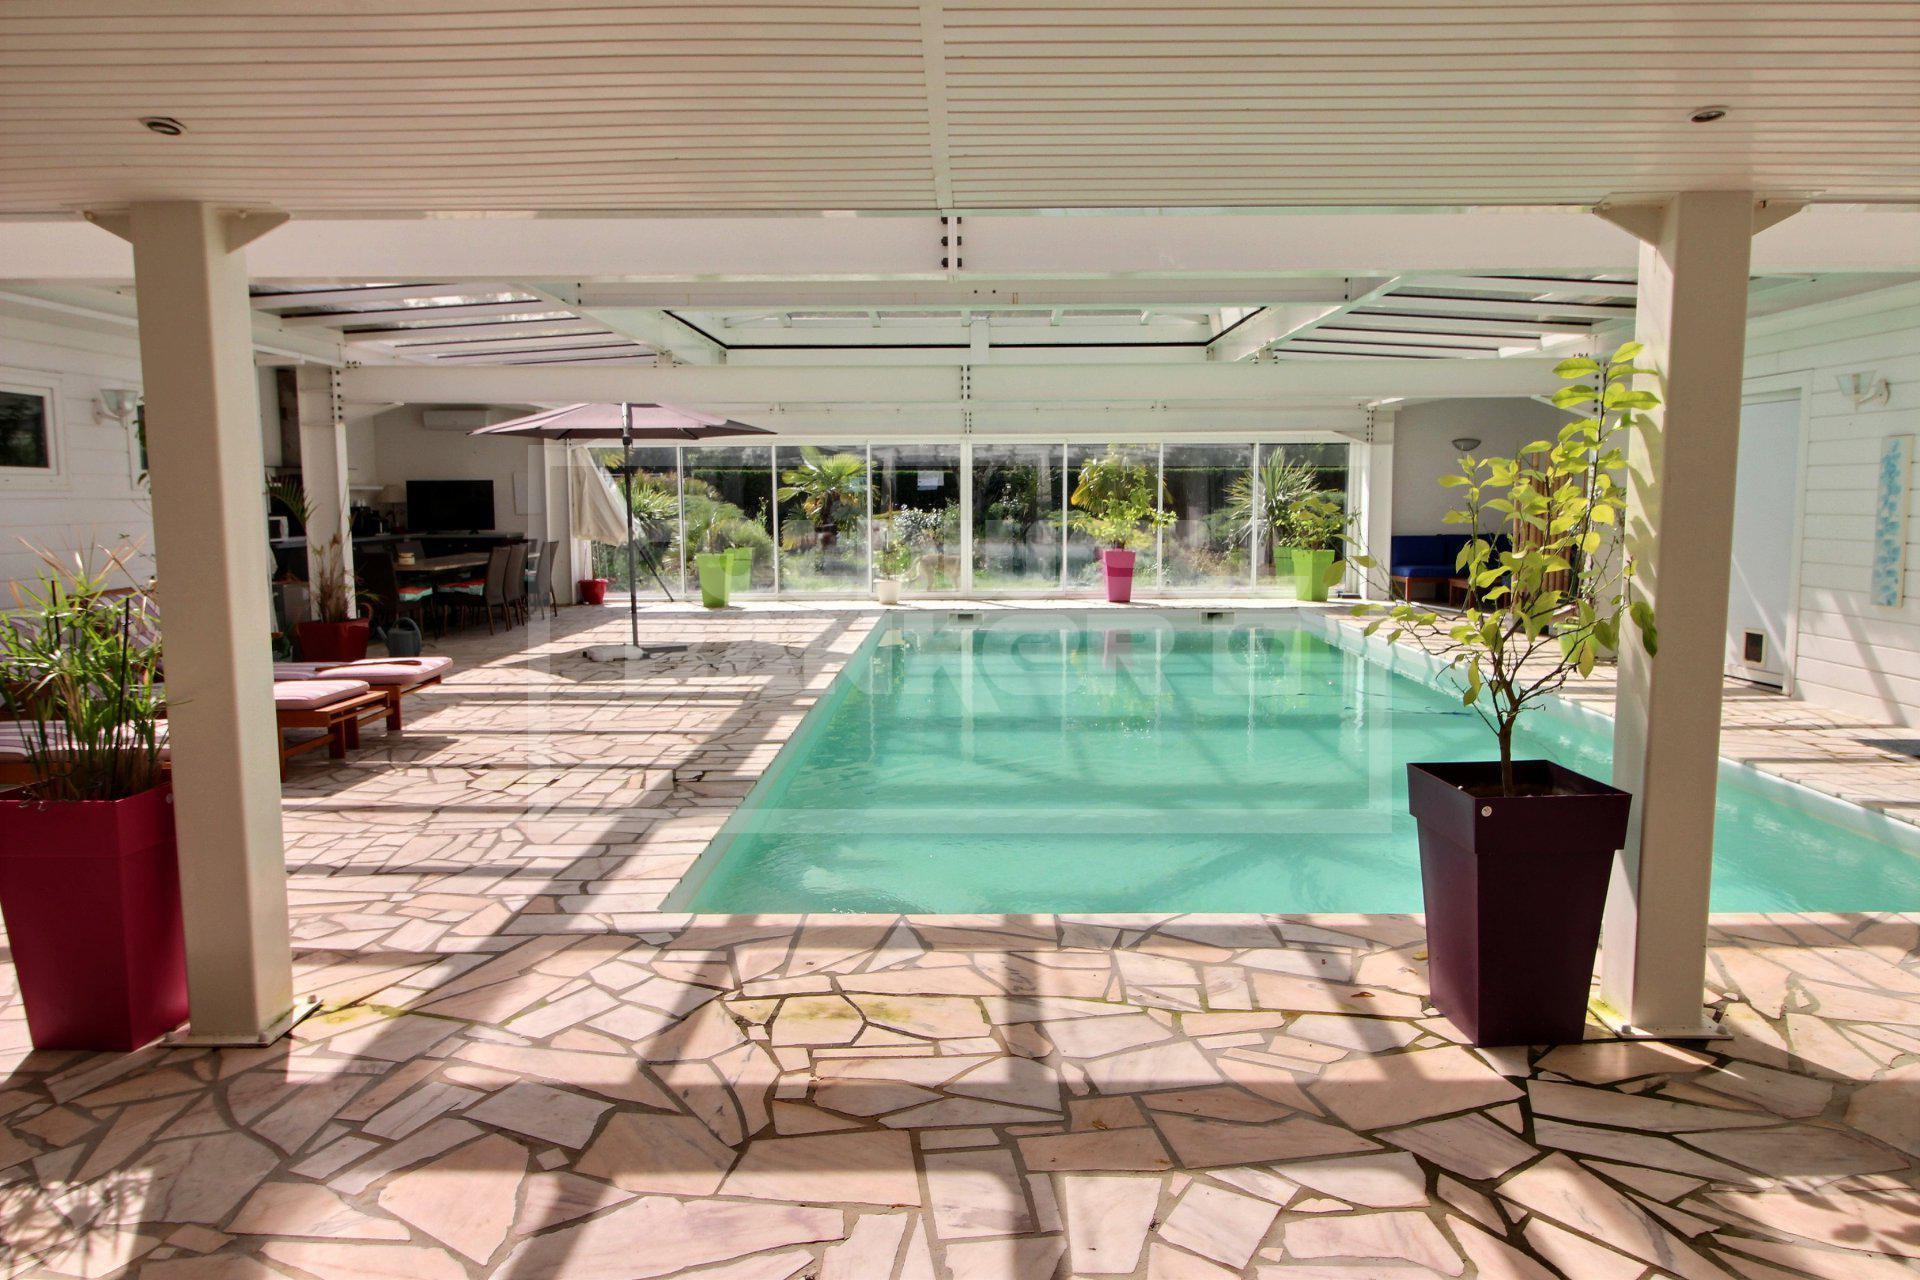 Maison D'architecte Avec Piscine Intérieure Cestas Réf. Bc1-515 avec Piscine Meru